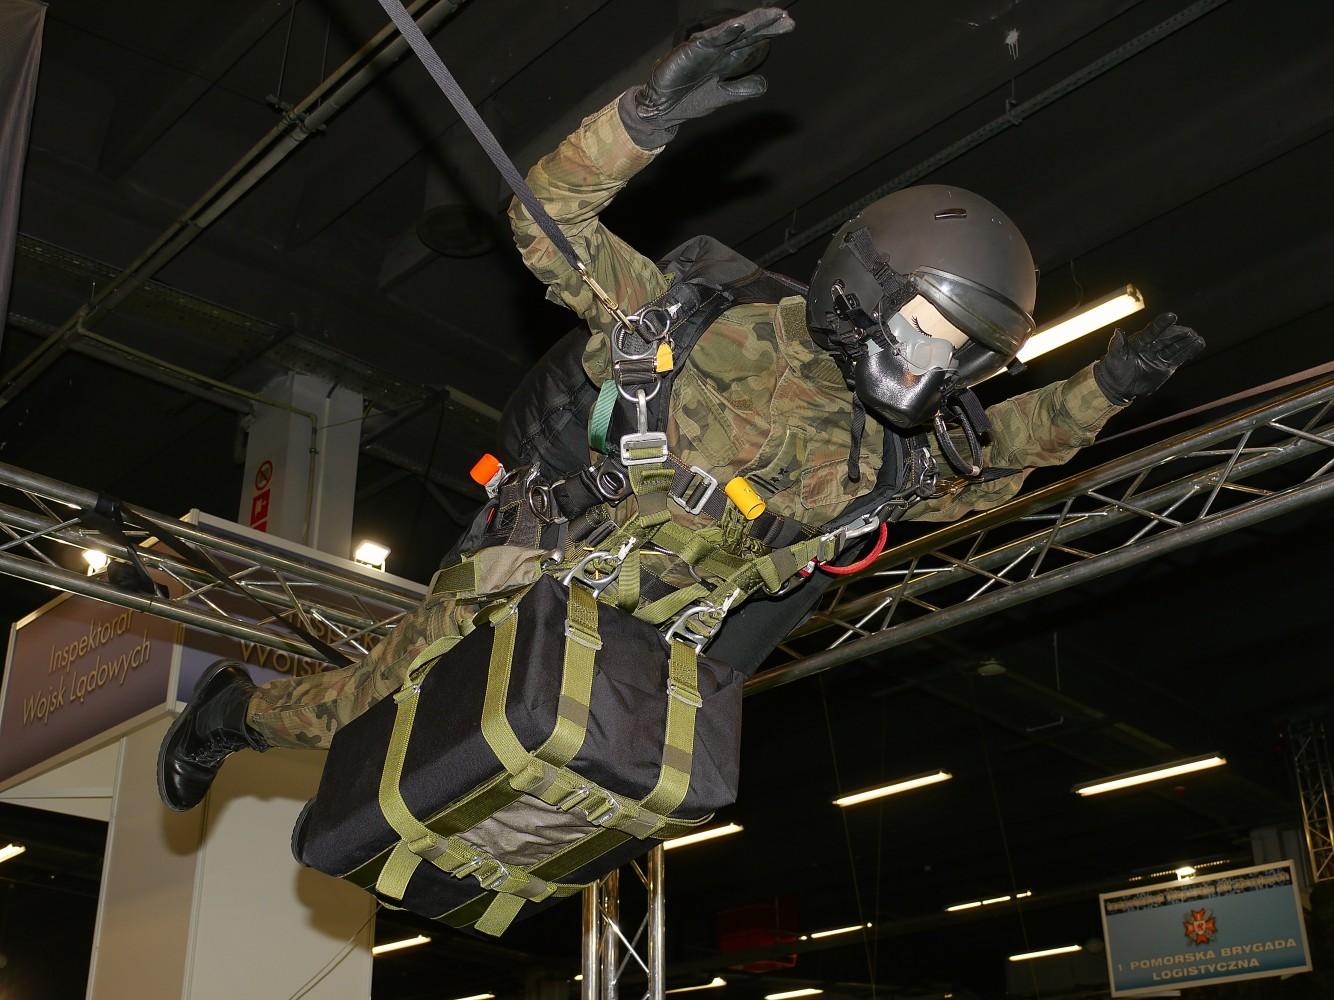 Kliknij obrazek, aby uzyskać większą wersję  Nazwa:spadochroniarz.jpg Wyświetleń:72 Rozmiar:291,0 KB ID:220656